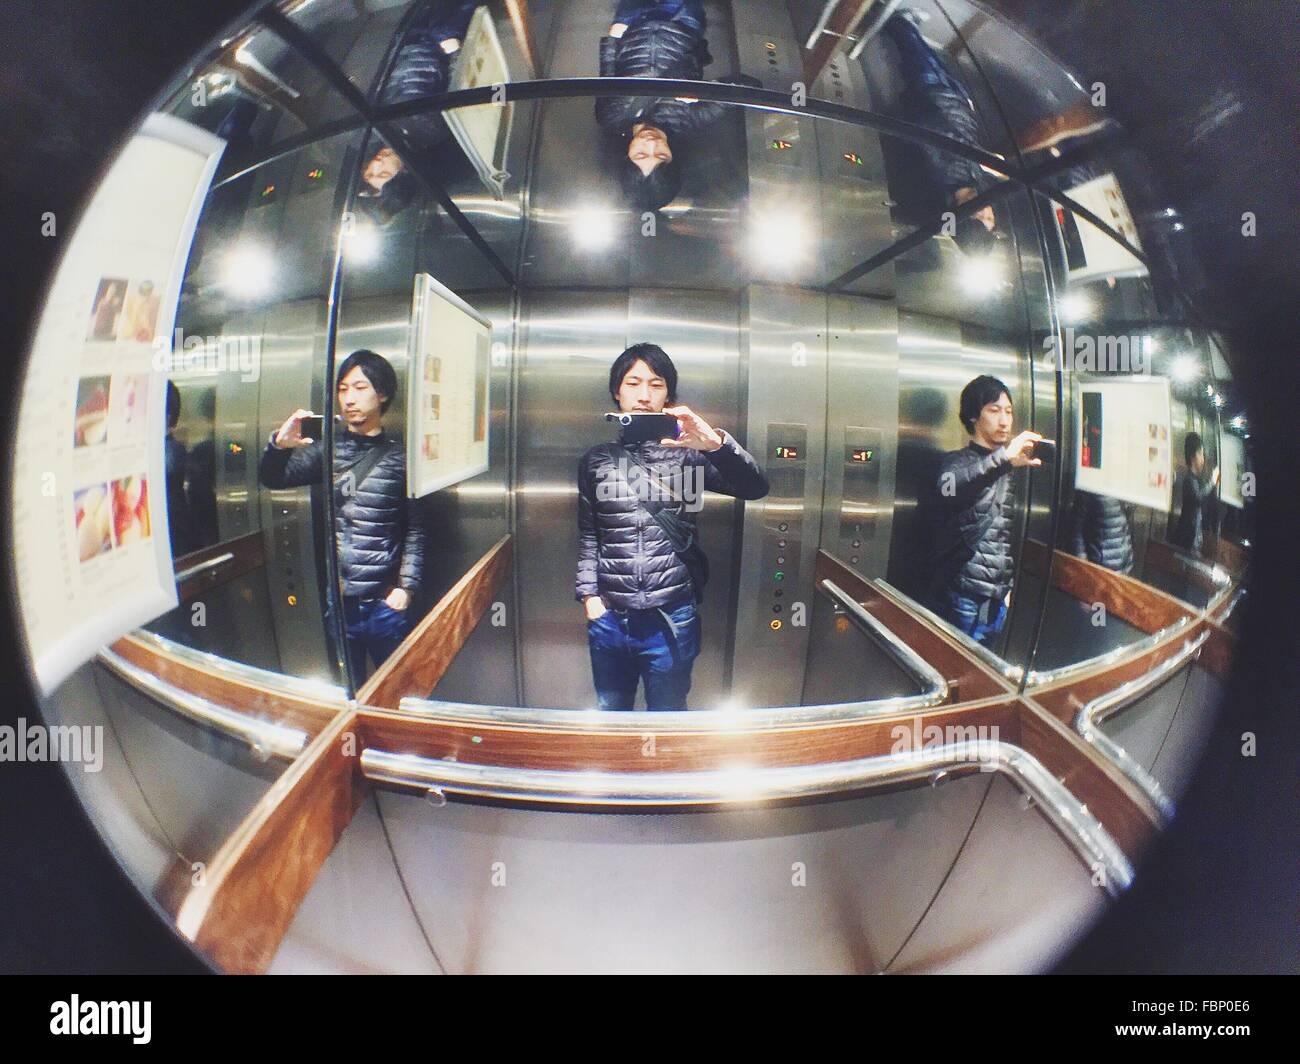 L'uomo prendendo Selfie in ascensore Immagini Stock